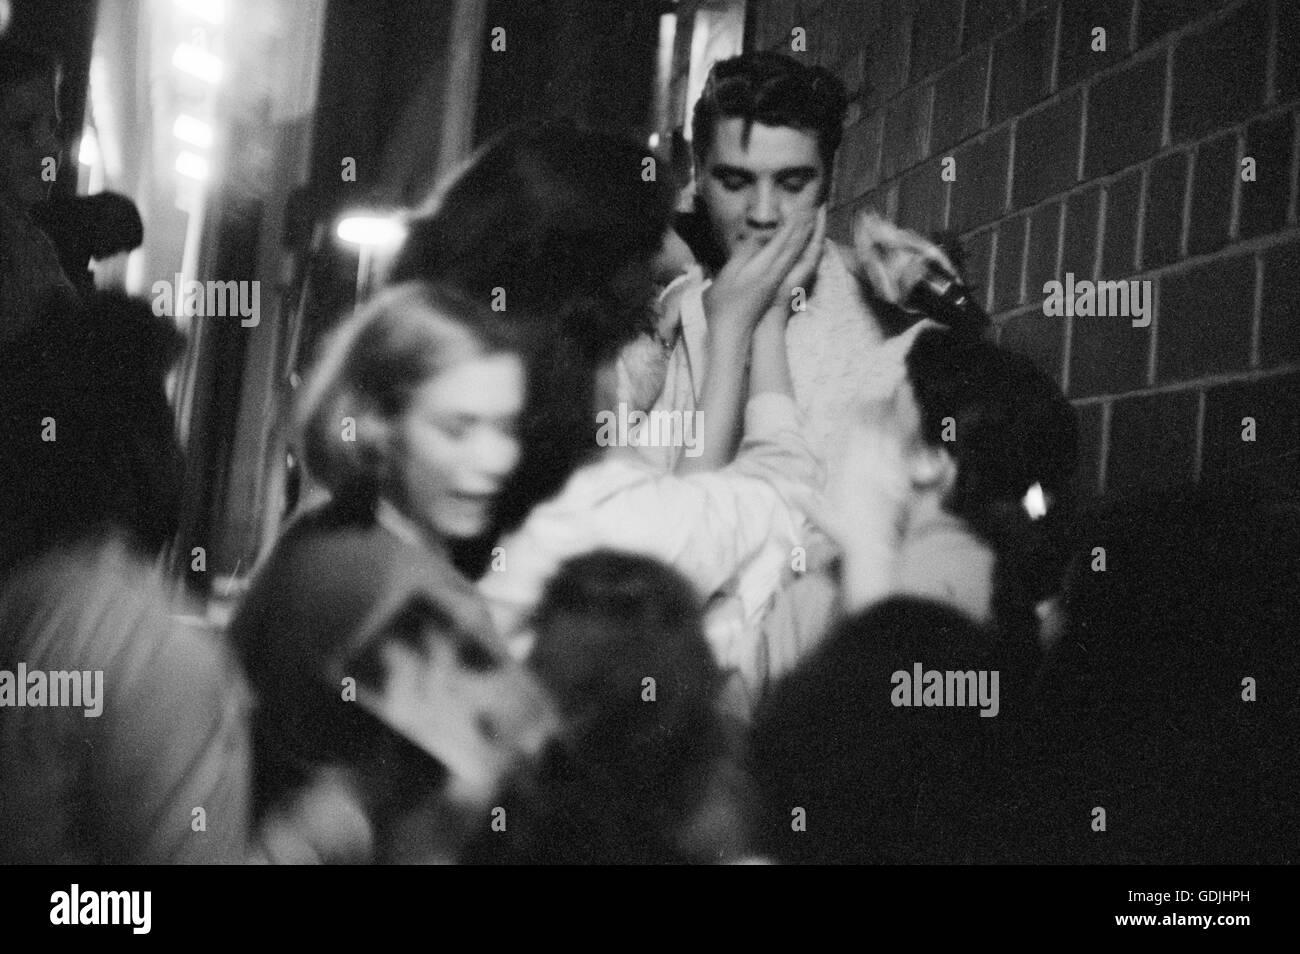 Elvis Presley aclamados por los fans después de una actuación en la Universidad de Dayton Fieldhouse, 27 de mayo de 1956. Foto de stock